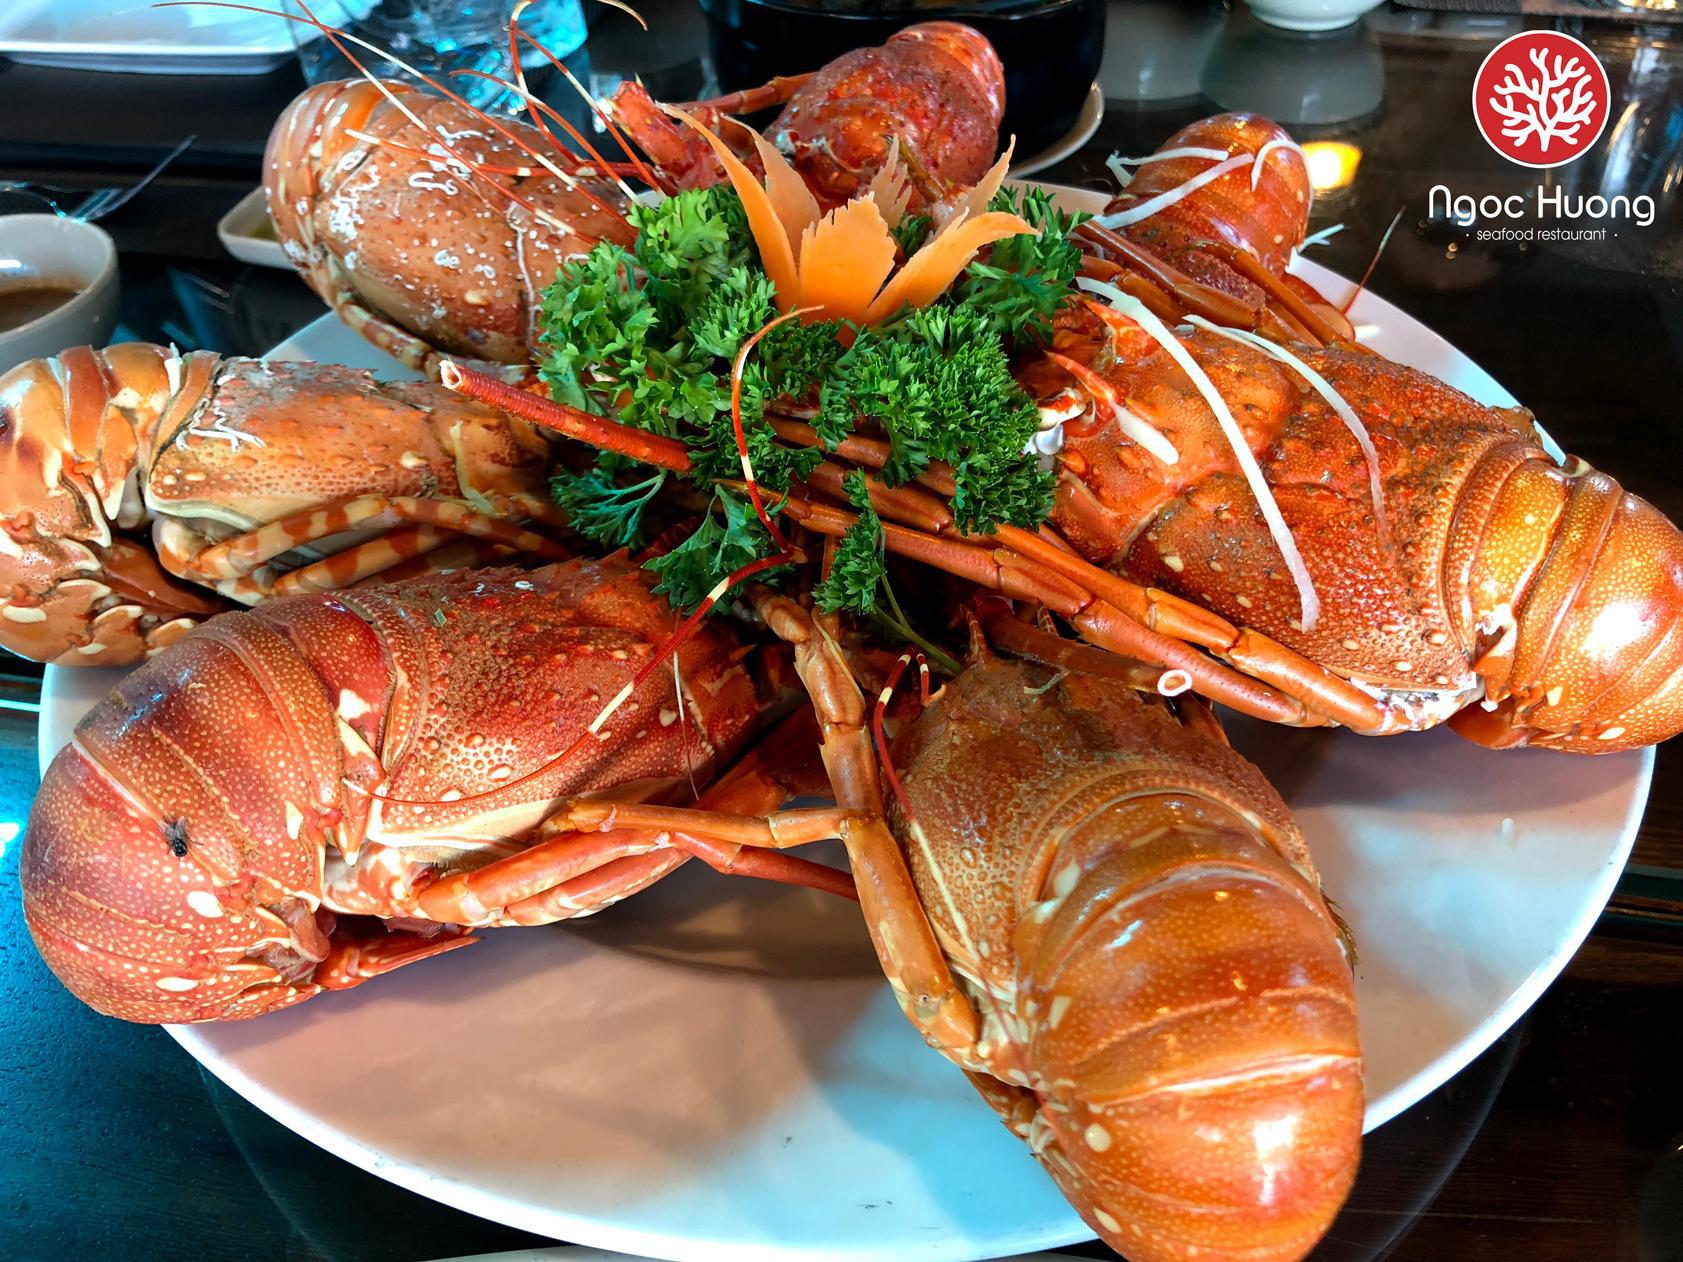 Ngoc Huong Seafood restaurant – nhà hàng hải sản trứ danh bậc nhất Đà Nẵng - Ảnh 7.